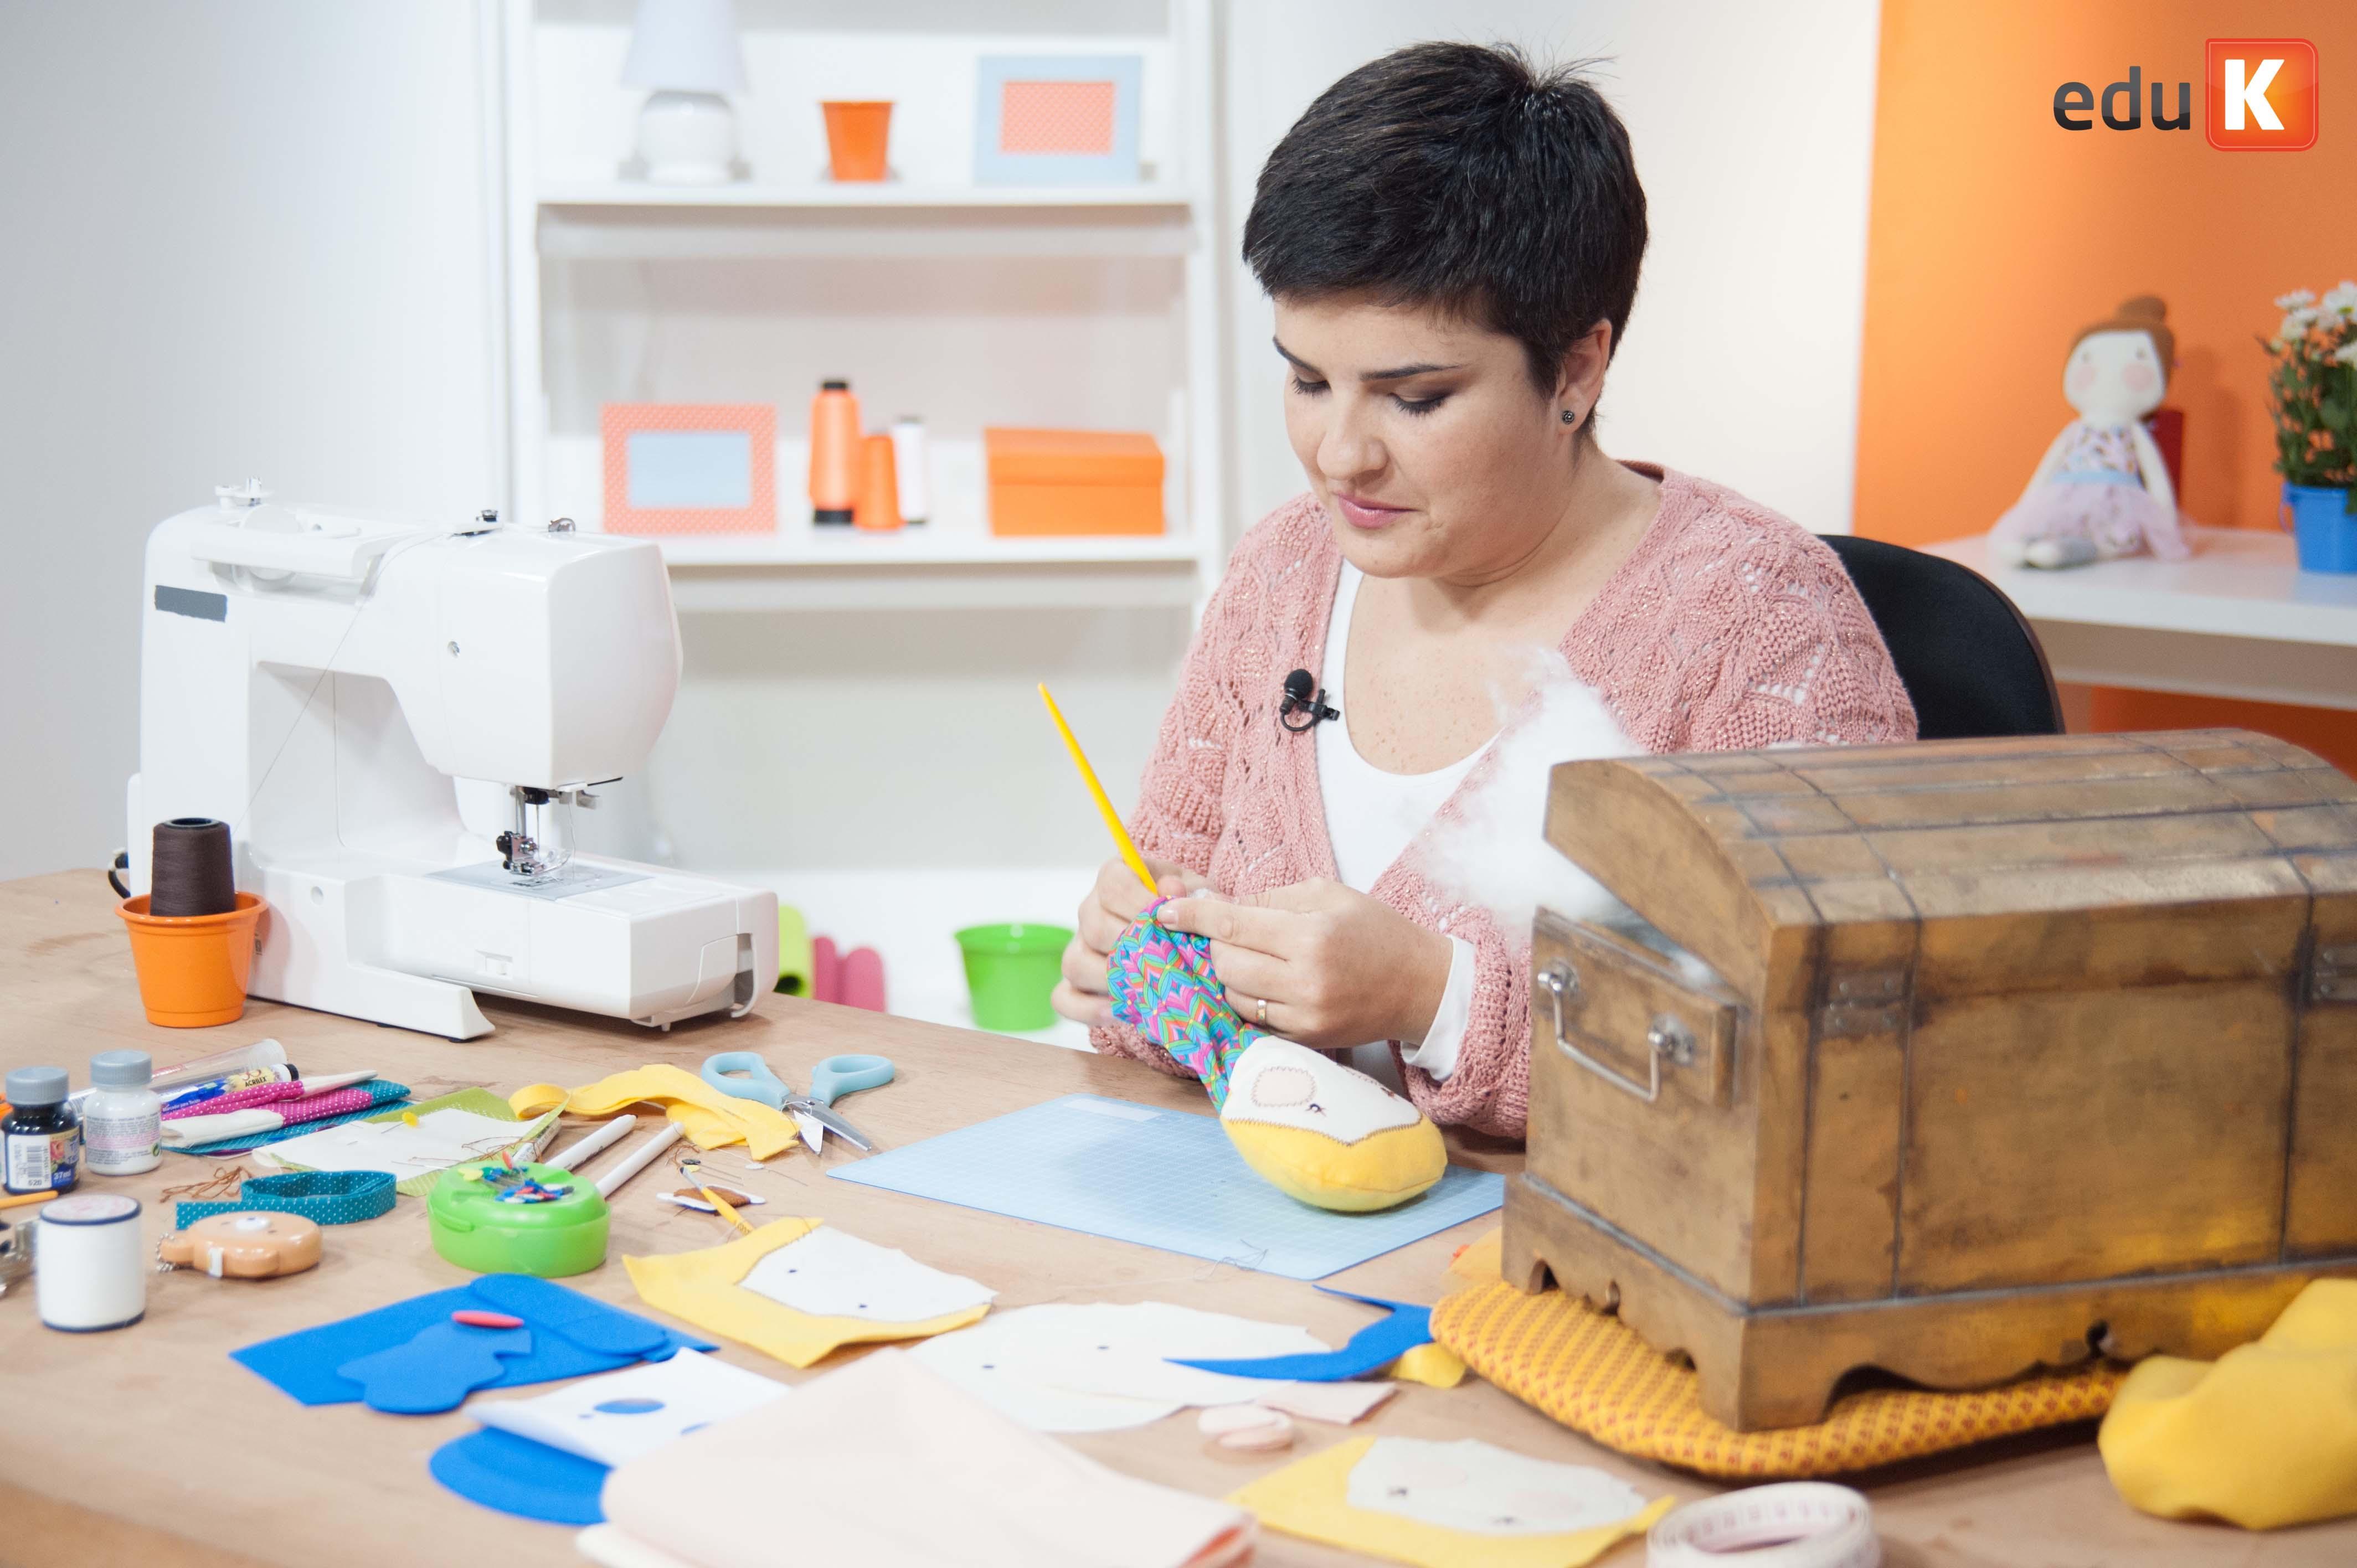 Gigi 'serelepando' em sua mesa de trabalho: criatividade e diversão são as palavras de ordem!